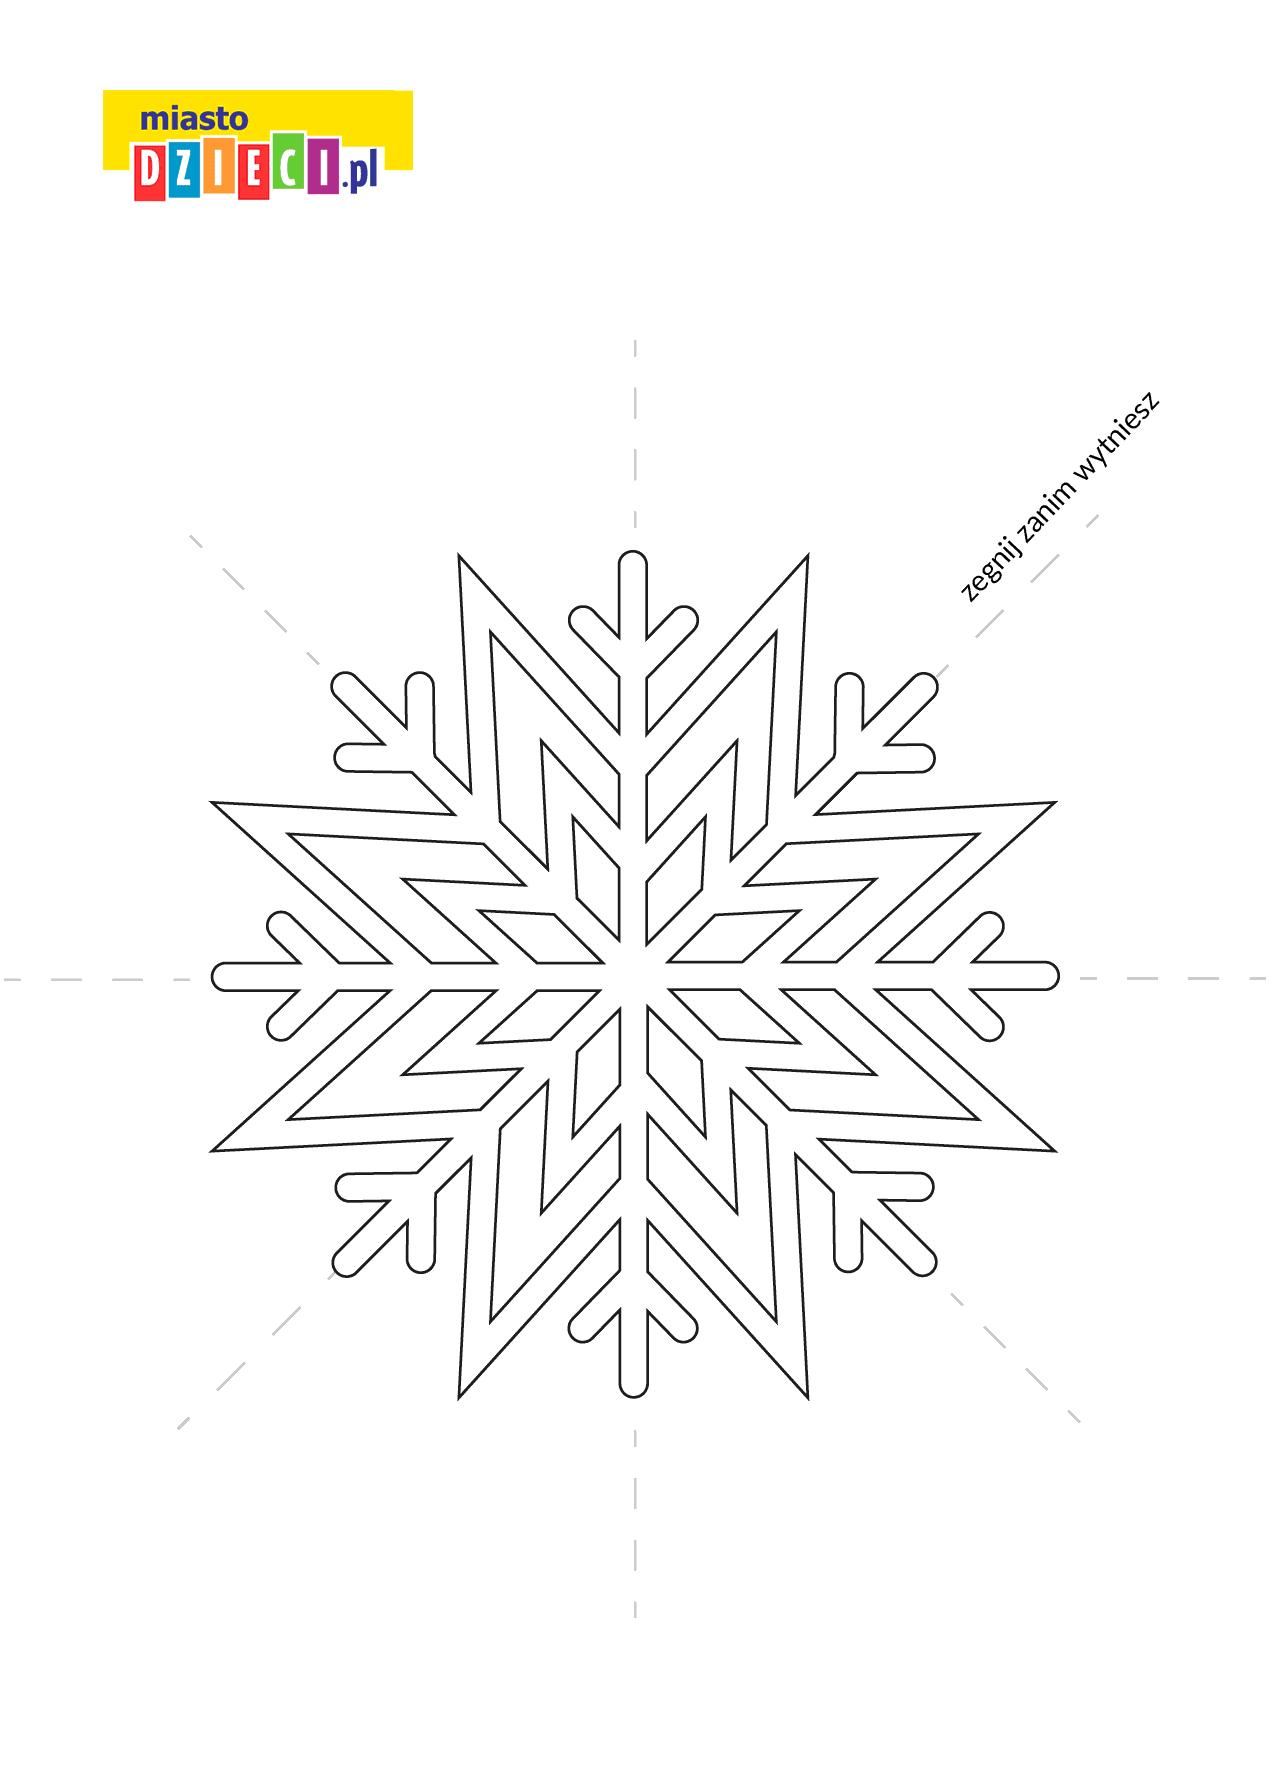 płatek śniegu szablon do druku dla dzieci MiastoDzieci.pl